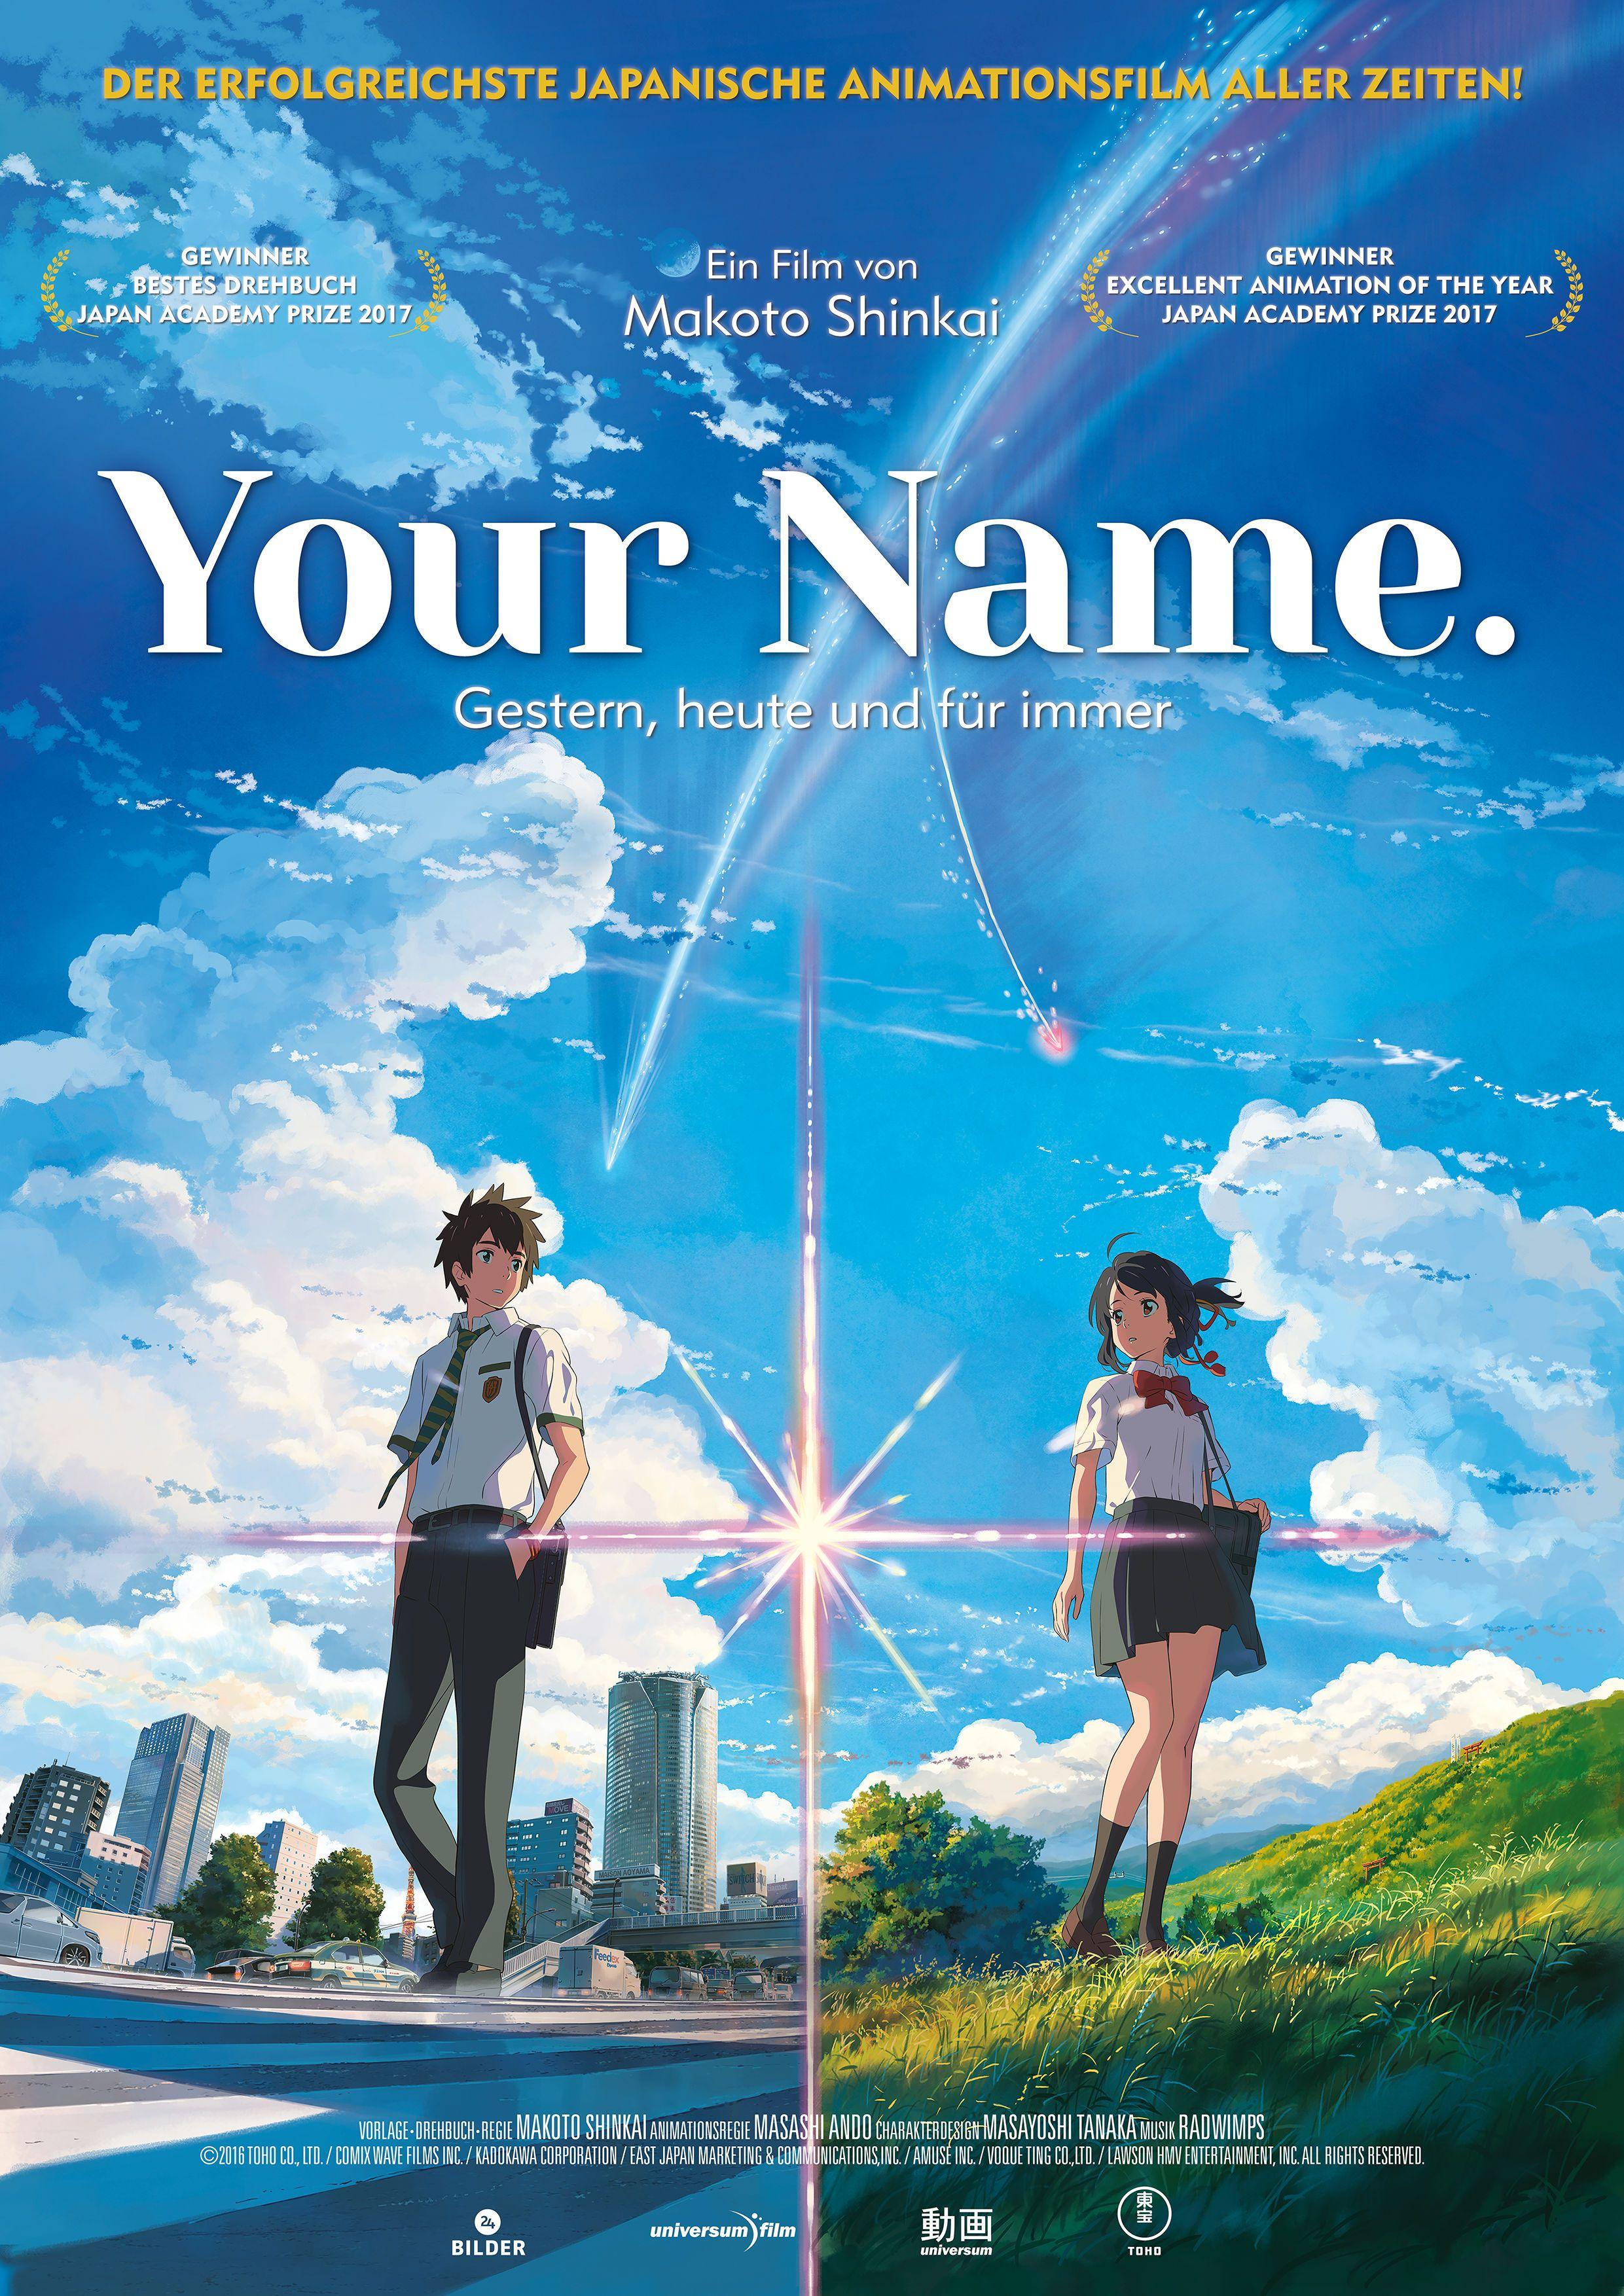 Your Name Kinostart 11 Januar 2018 Kinofilme 2018 Movies